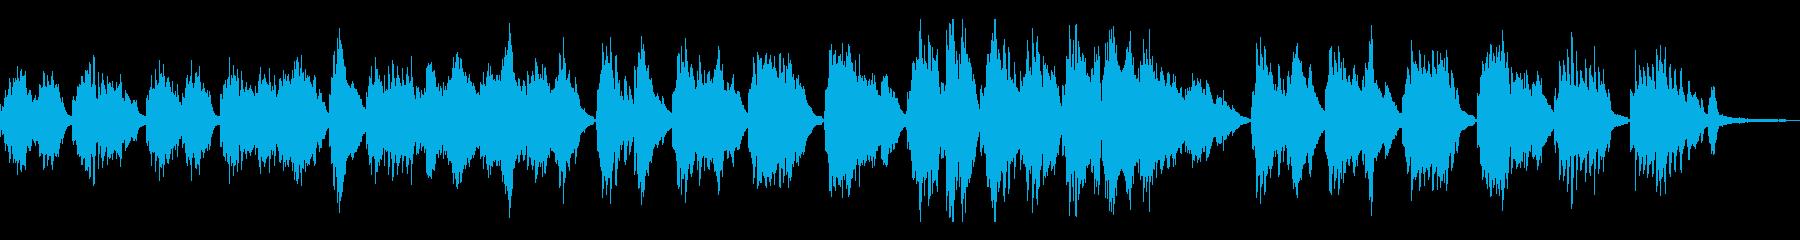 星空/しっとりした和風曲21-ピアノソロの再生済みの波形